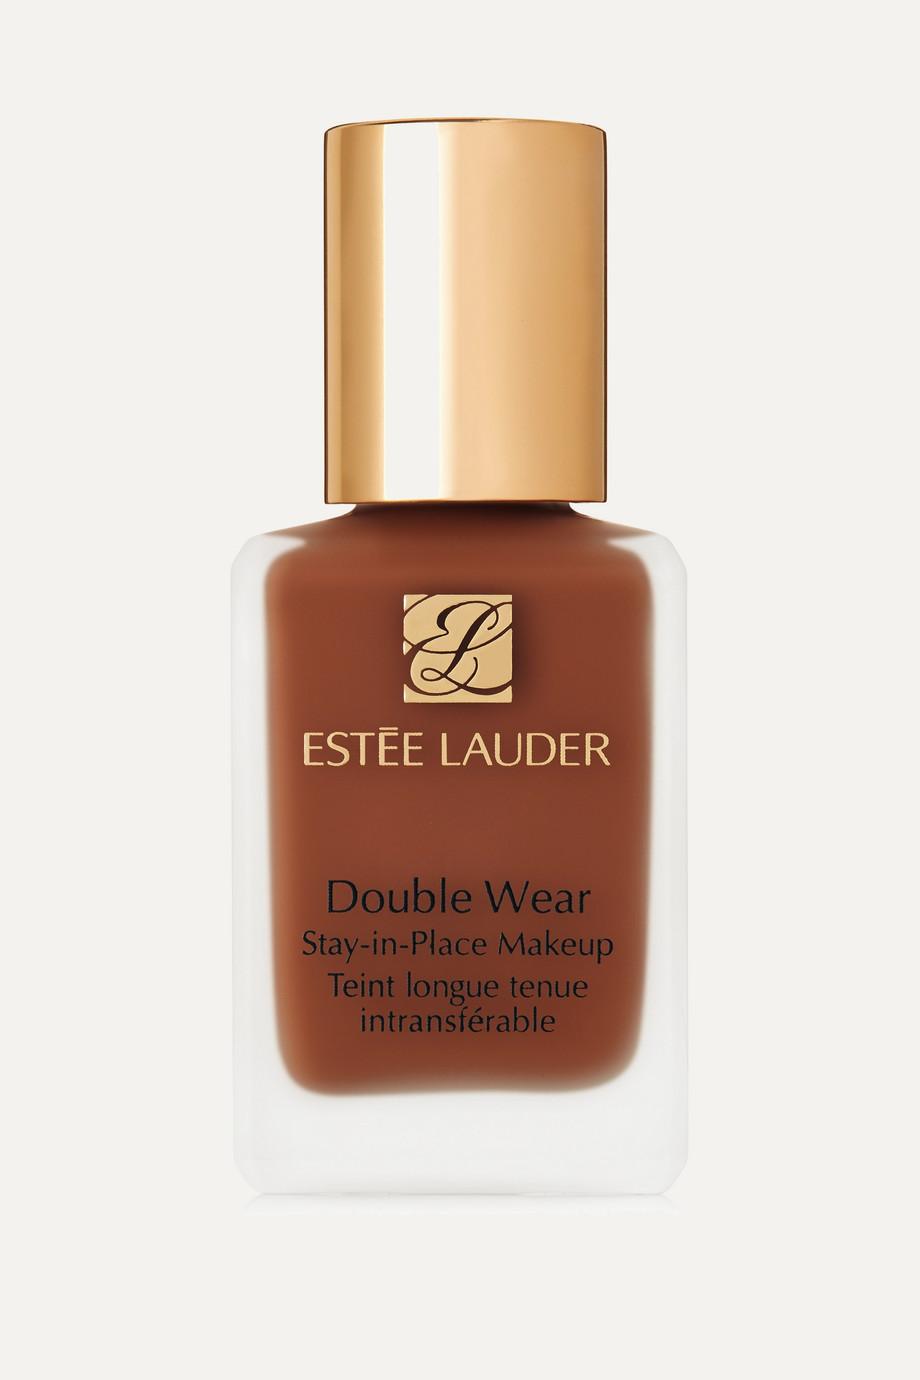 Estée Lauder Double Wear Stay-in-Place Makeup - Chestnut 5C1